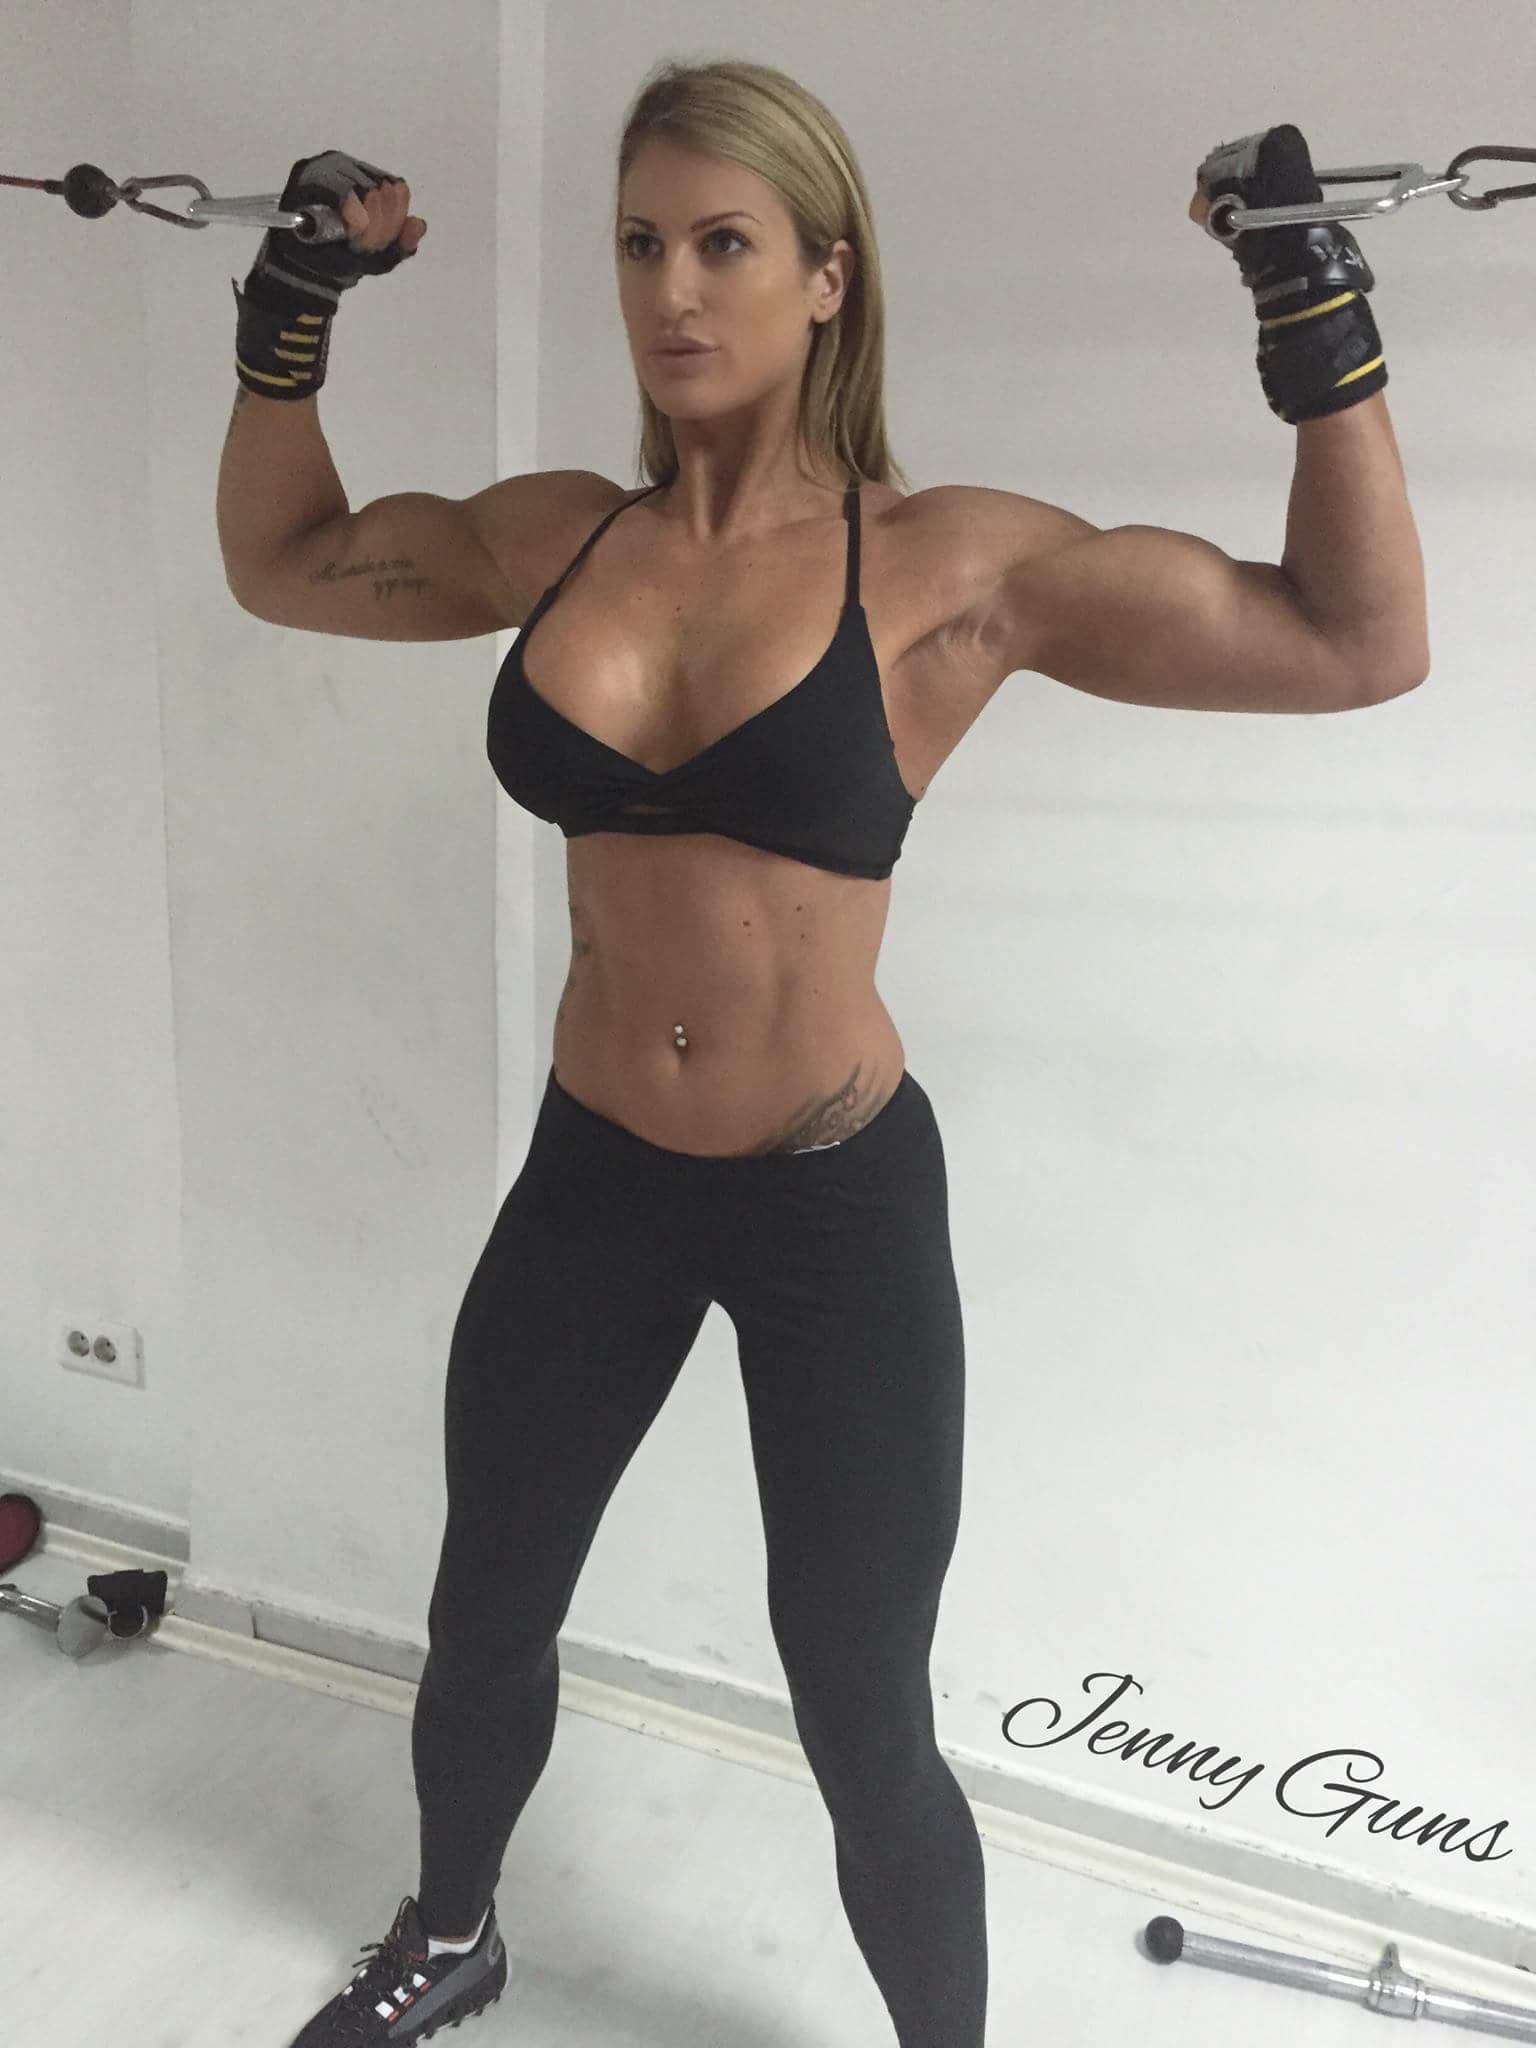 jenny guns fitness